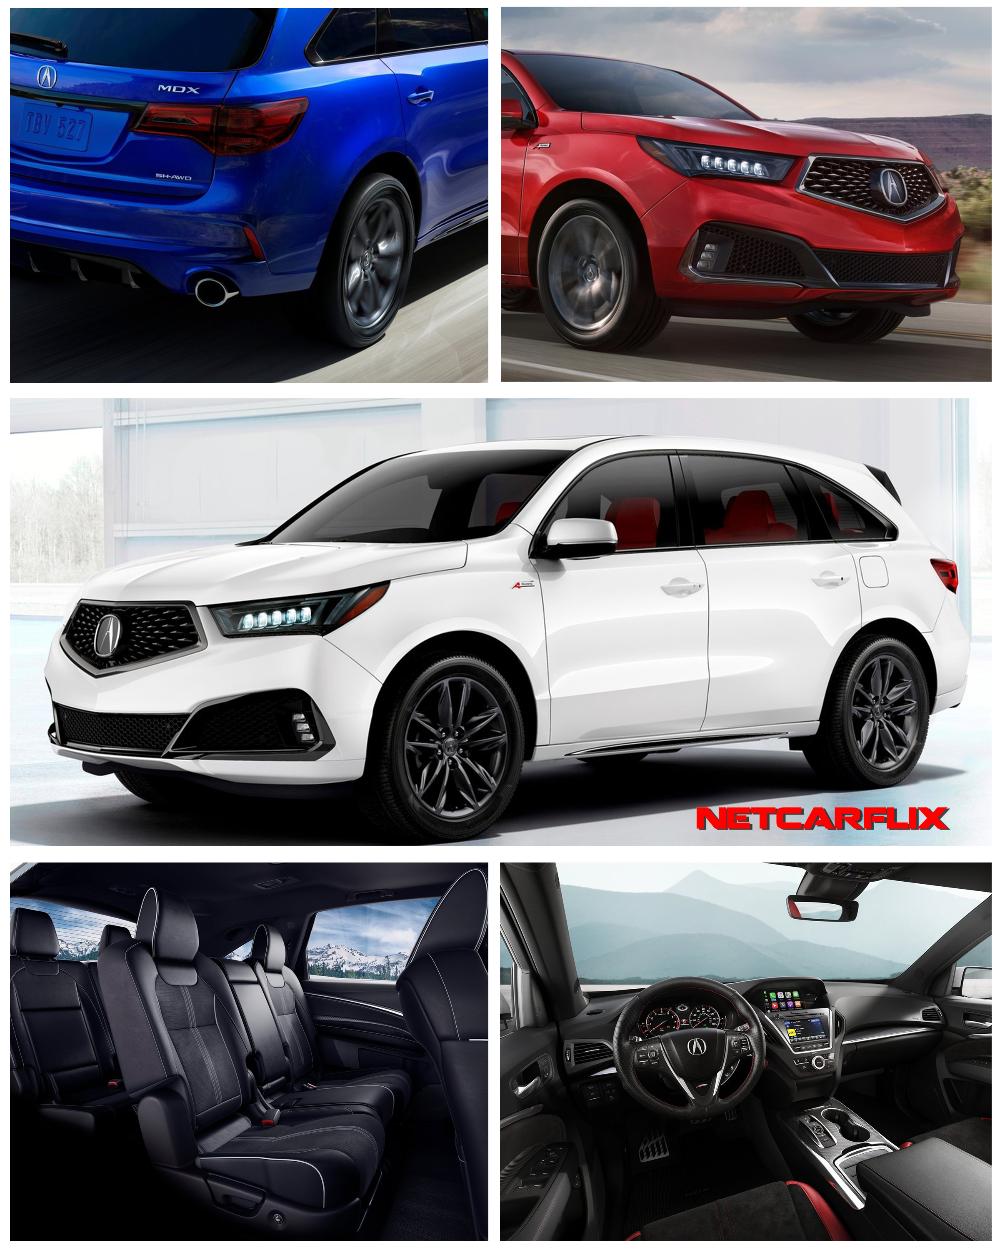 2019-Acura MDX A-Spec - DailyRevs.com